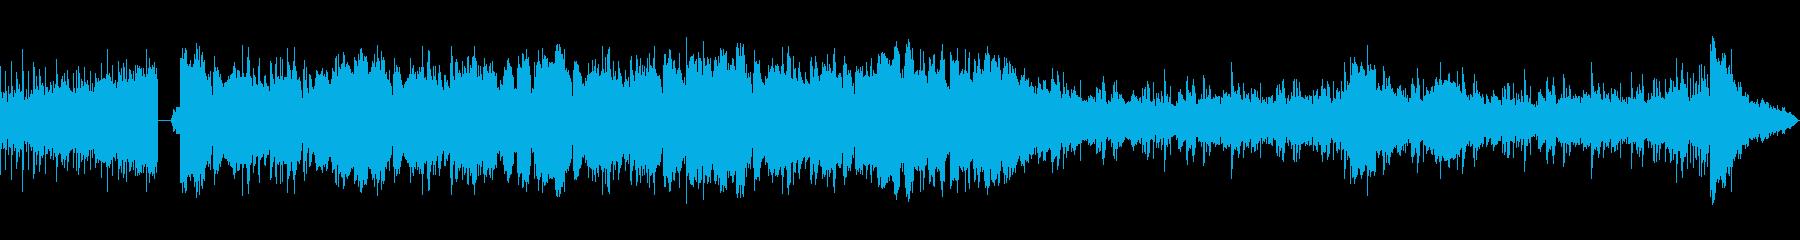 eスポーツ大会EDM メロディック60秒の再生済みの波形